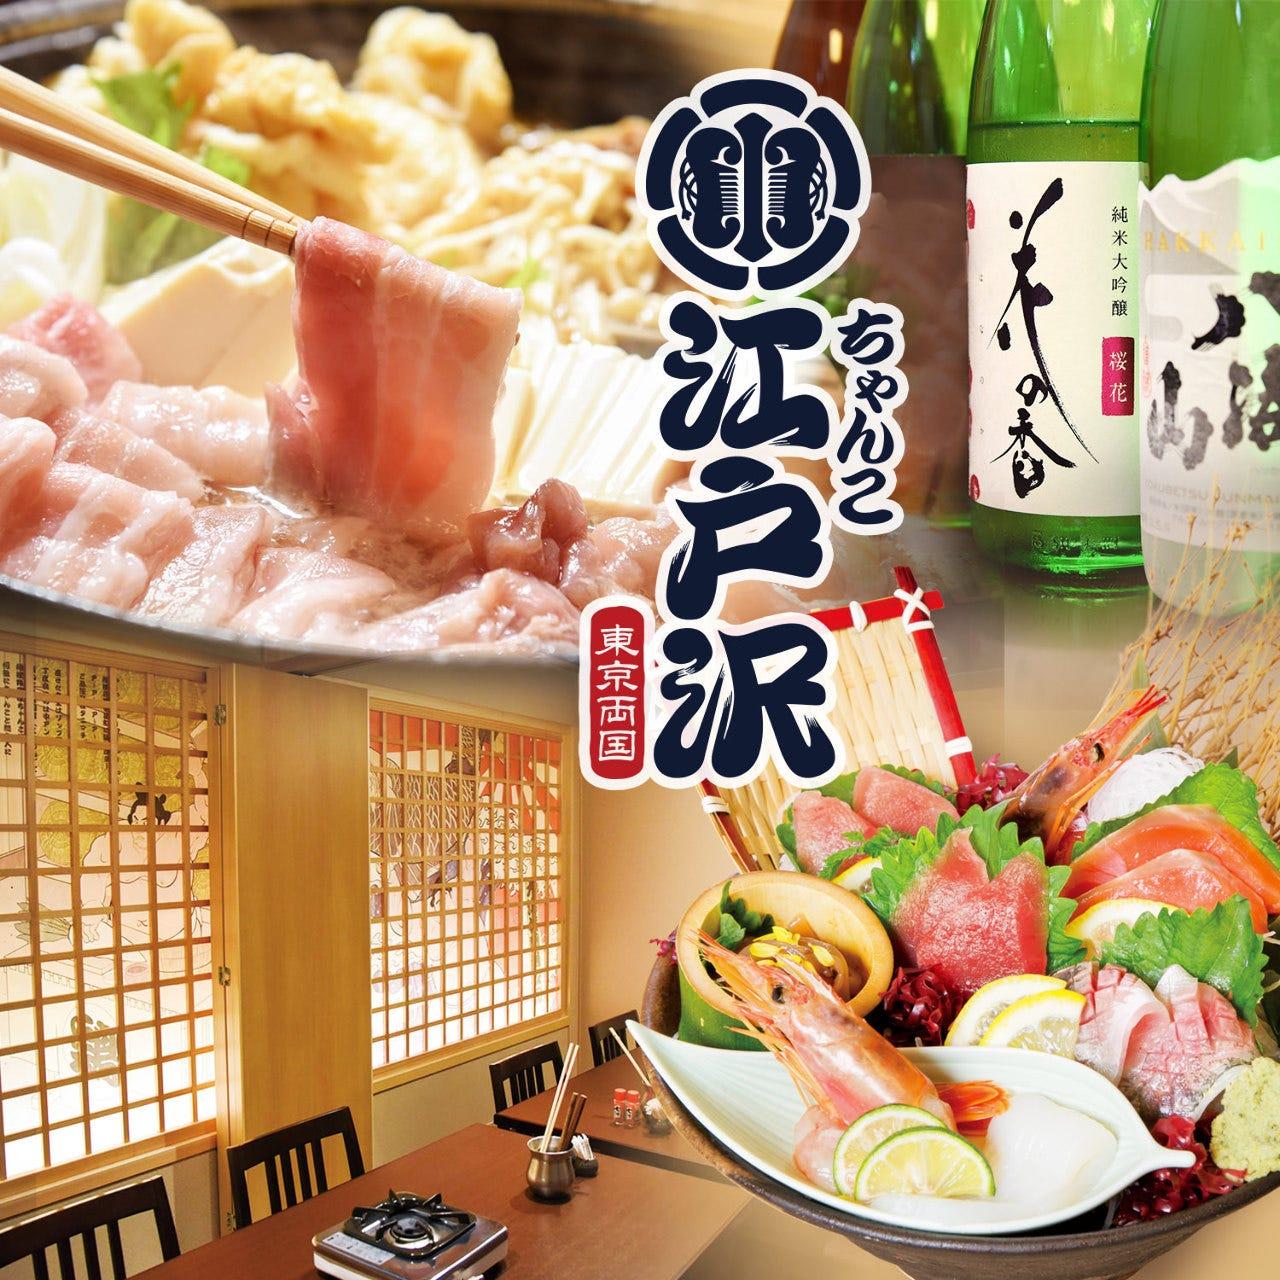 相撲茶屋 ちゃんこ江戸沢 静岡富士店